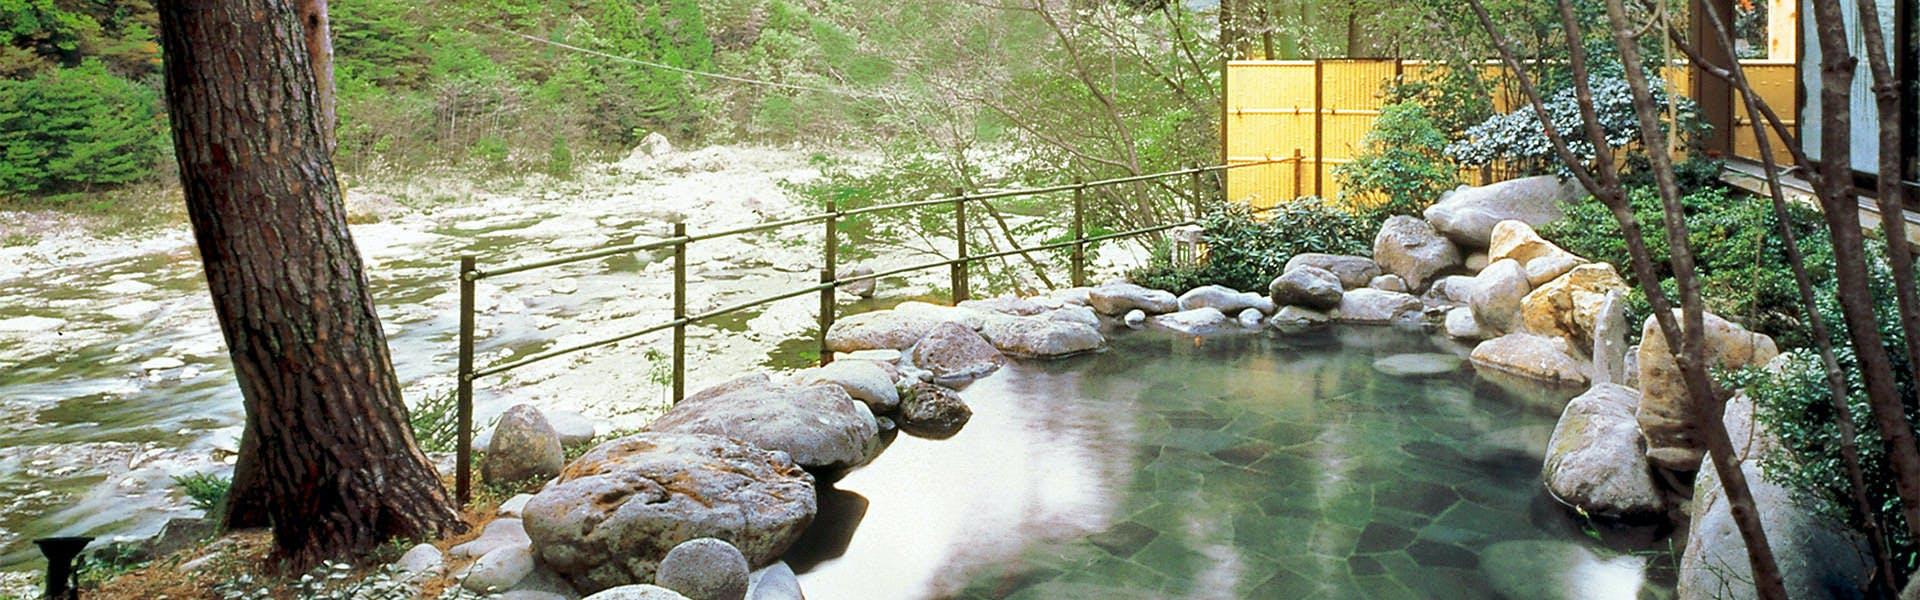 鬼怒川沿いの露天風呂